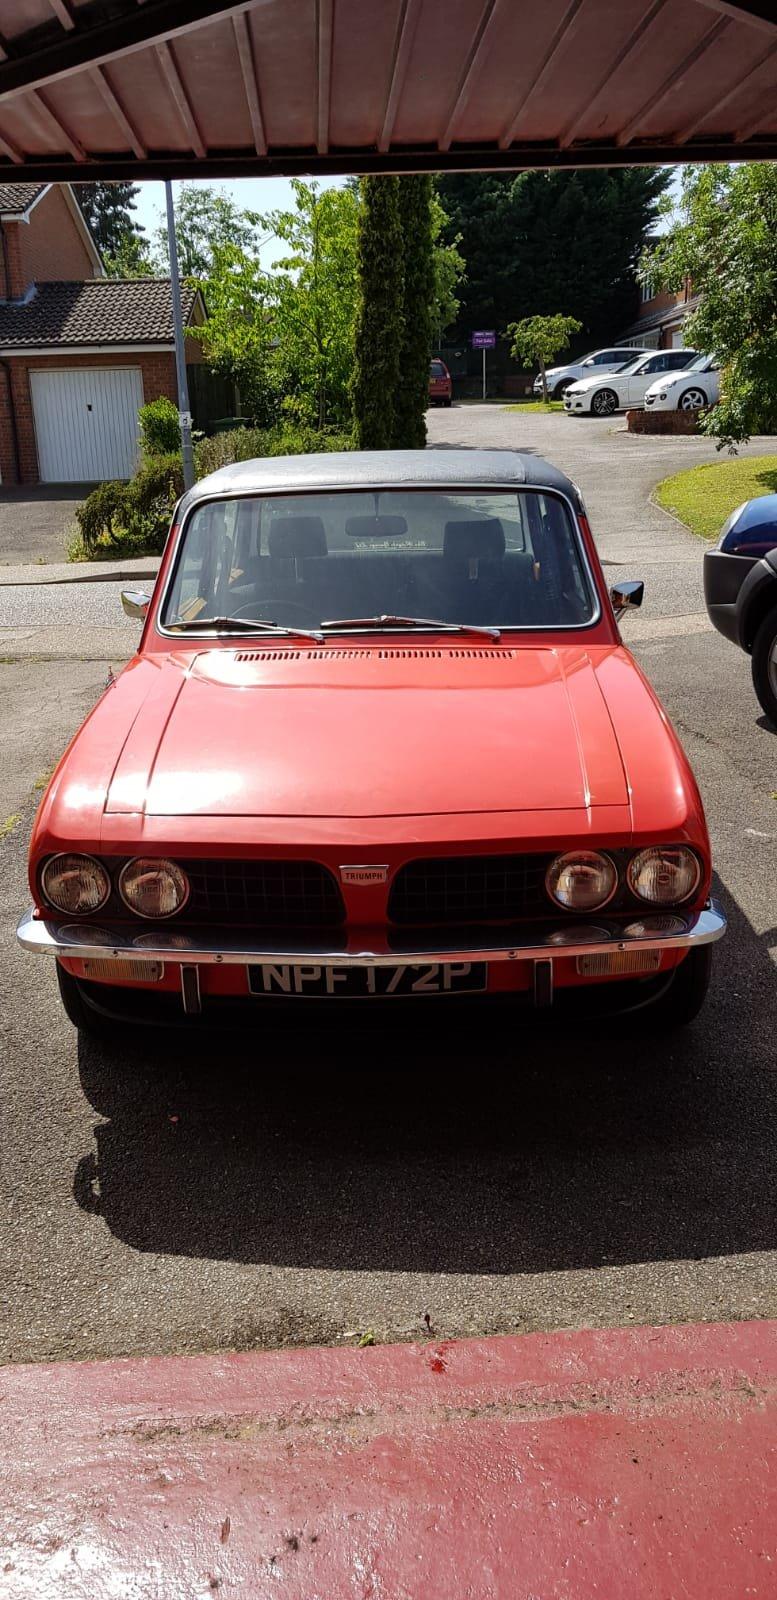 1976 Triumph Dolomite 1850hl For Sale (picture 1 of 6)